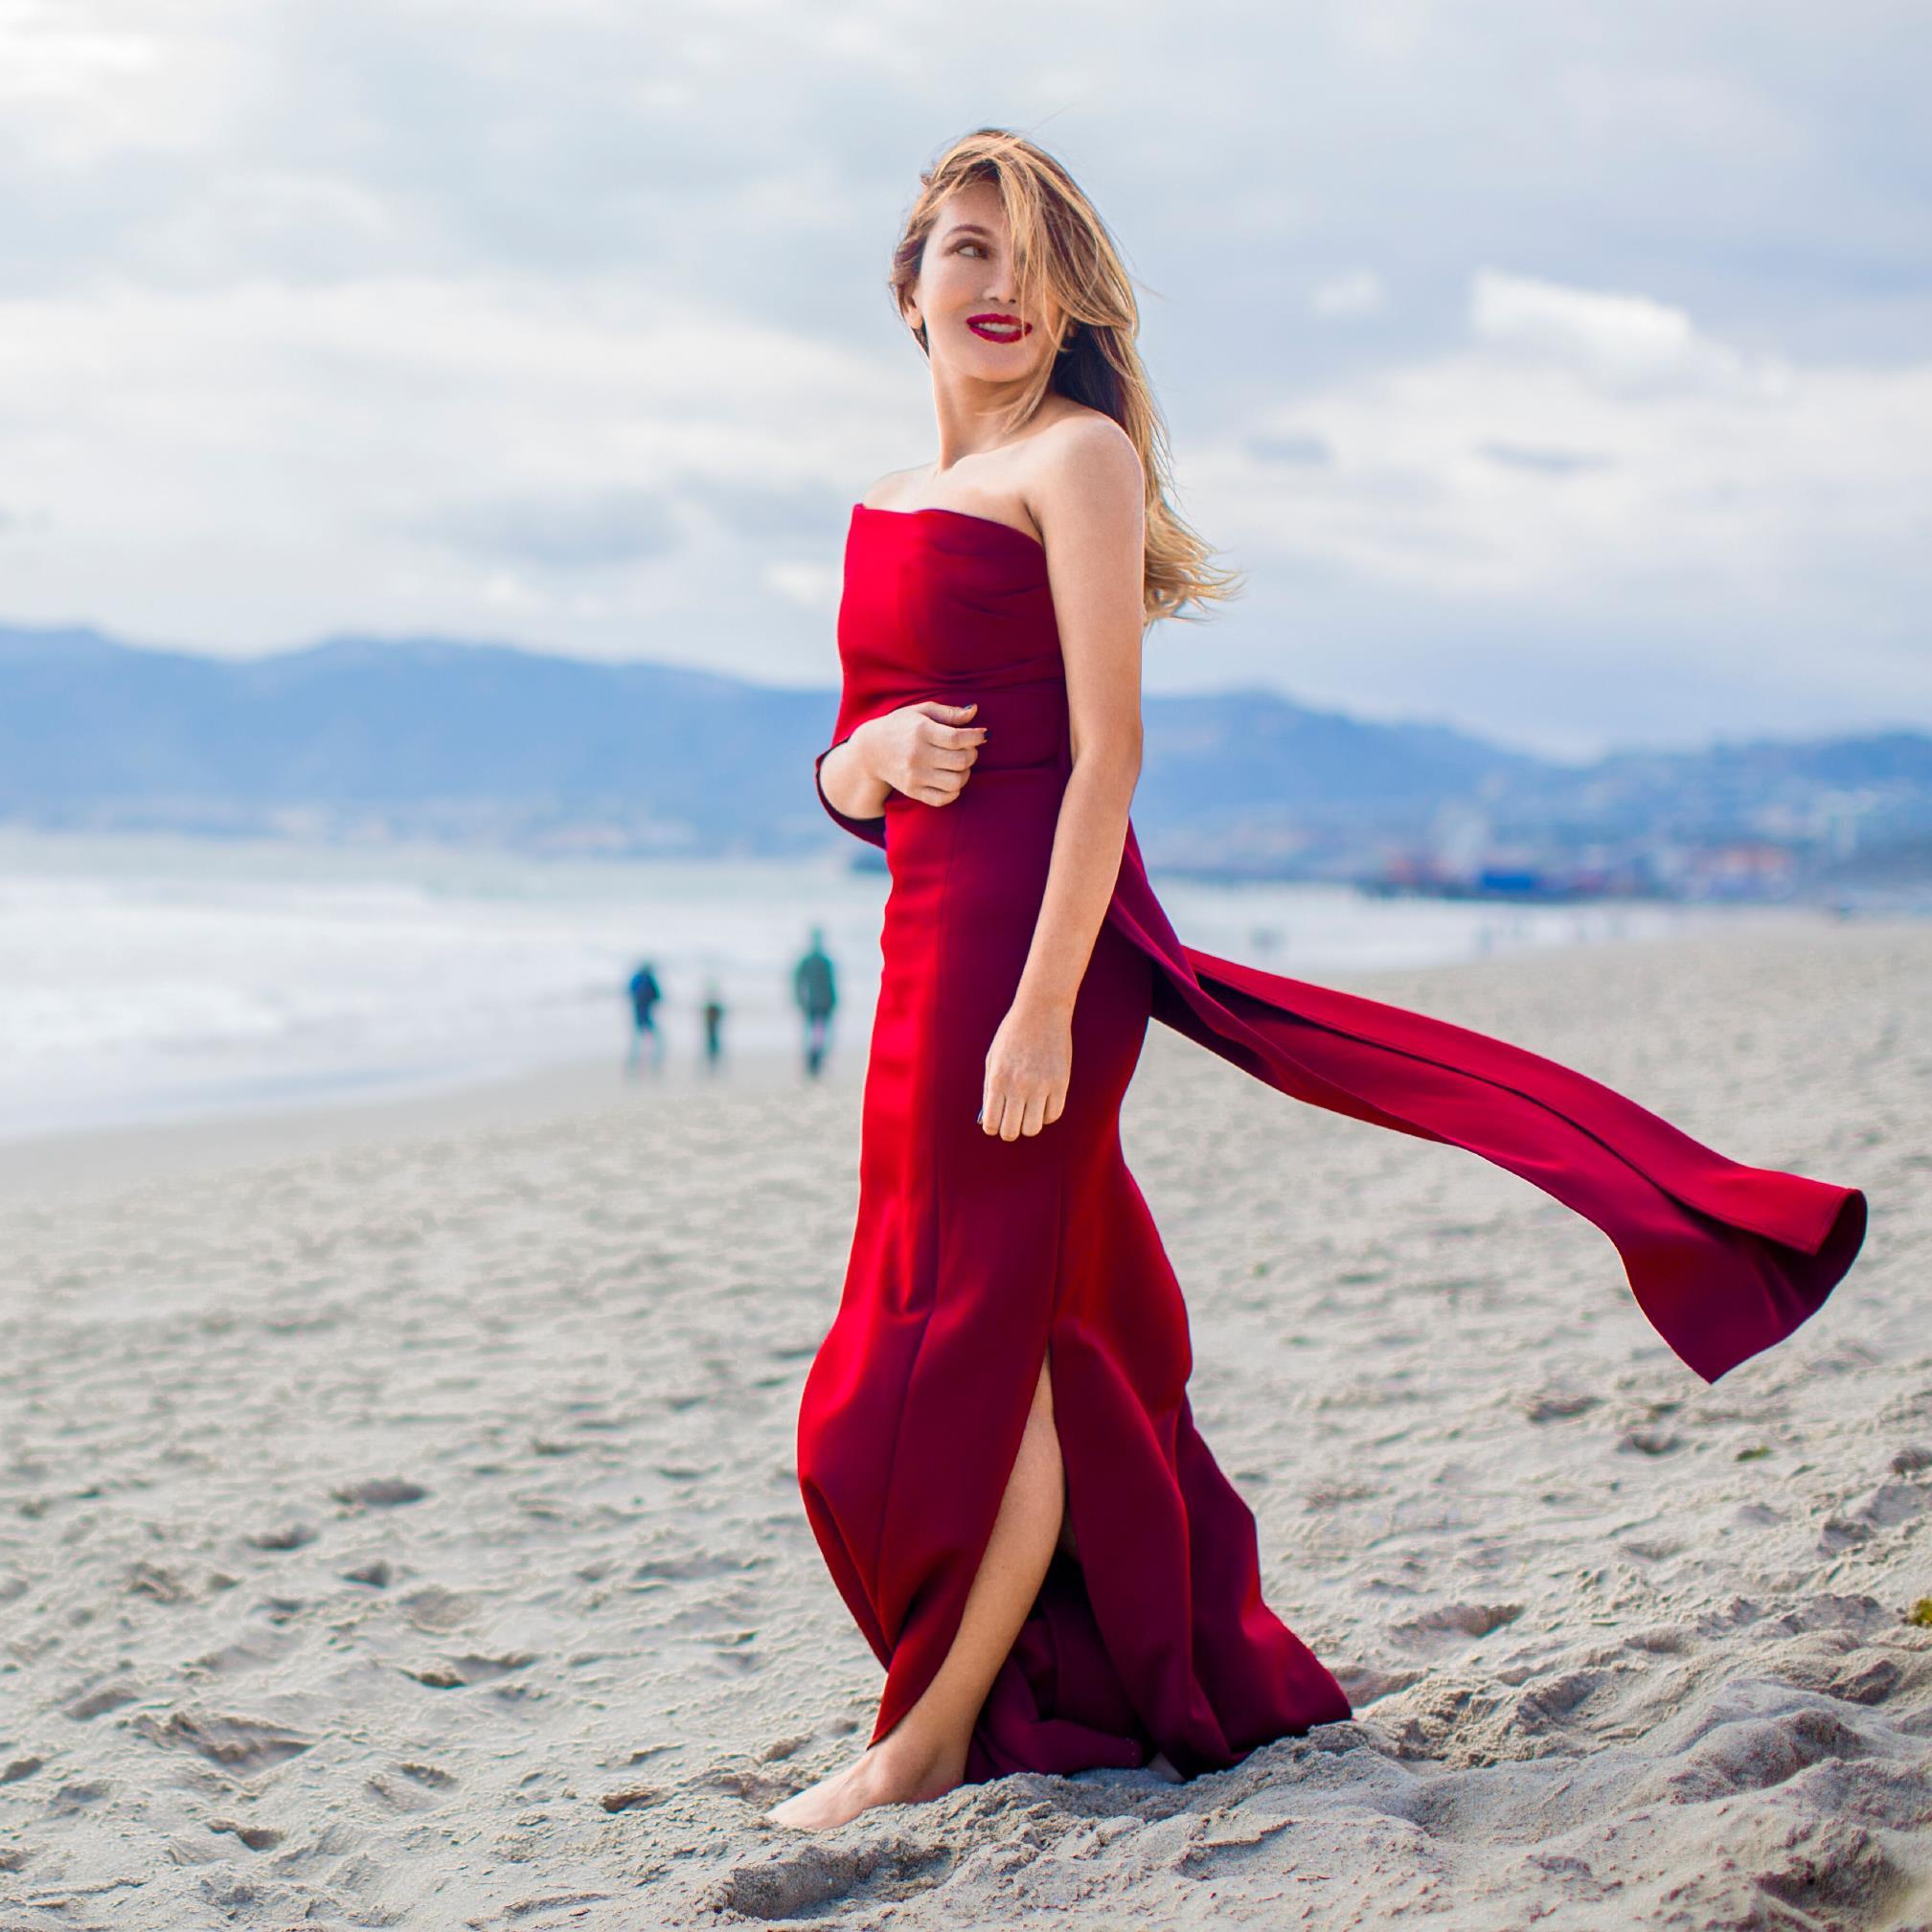 heidi in a red dress